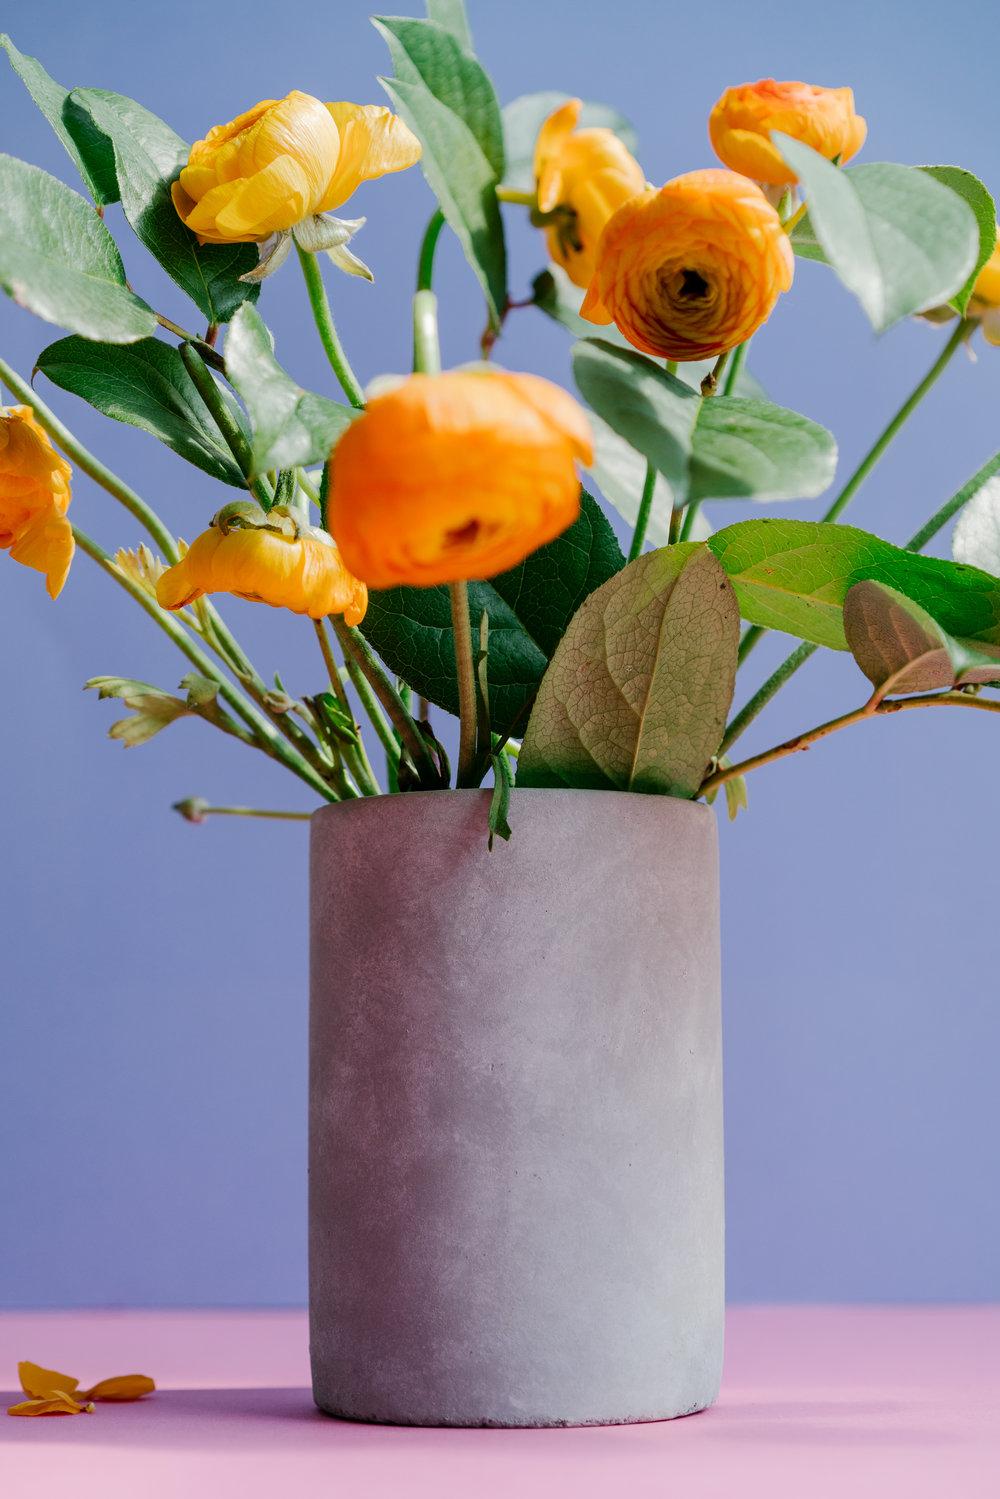 Flowers-03056.jpg